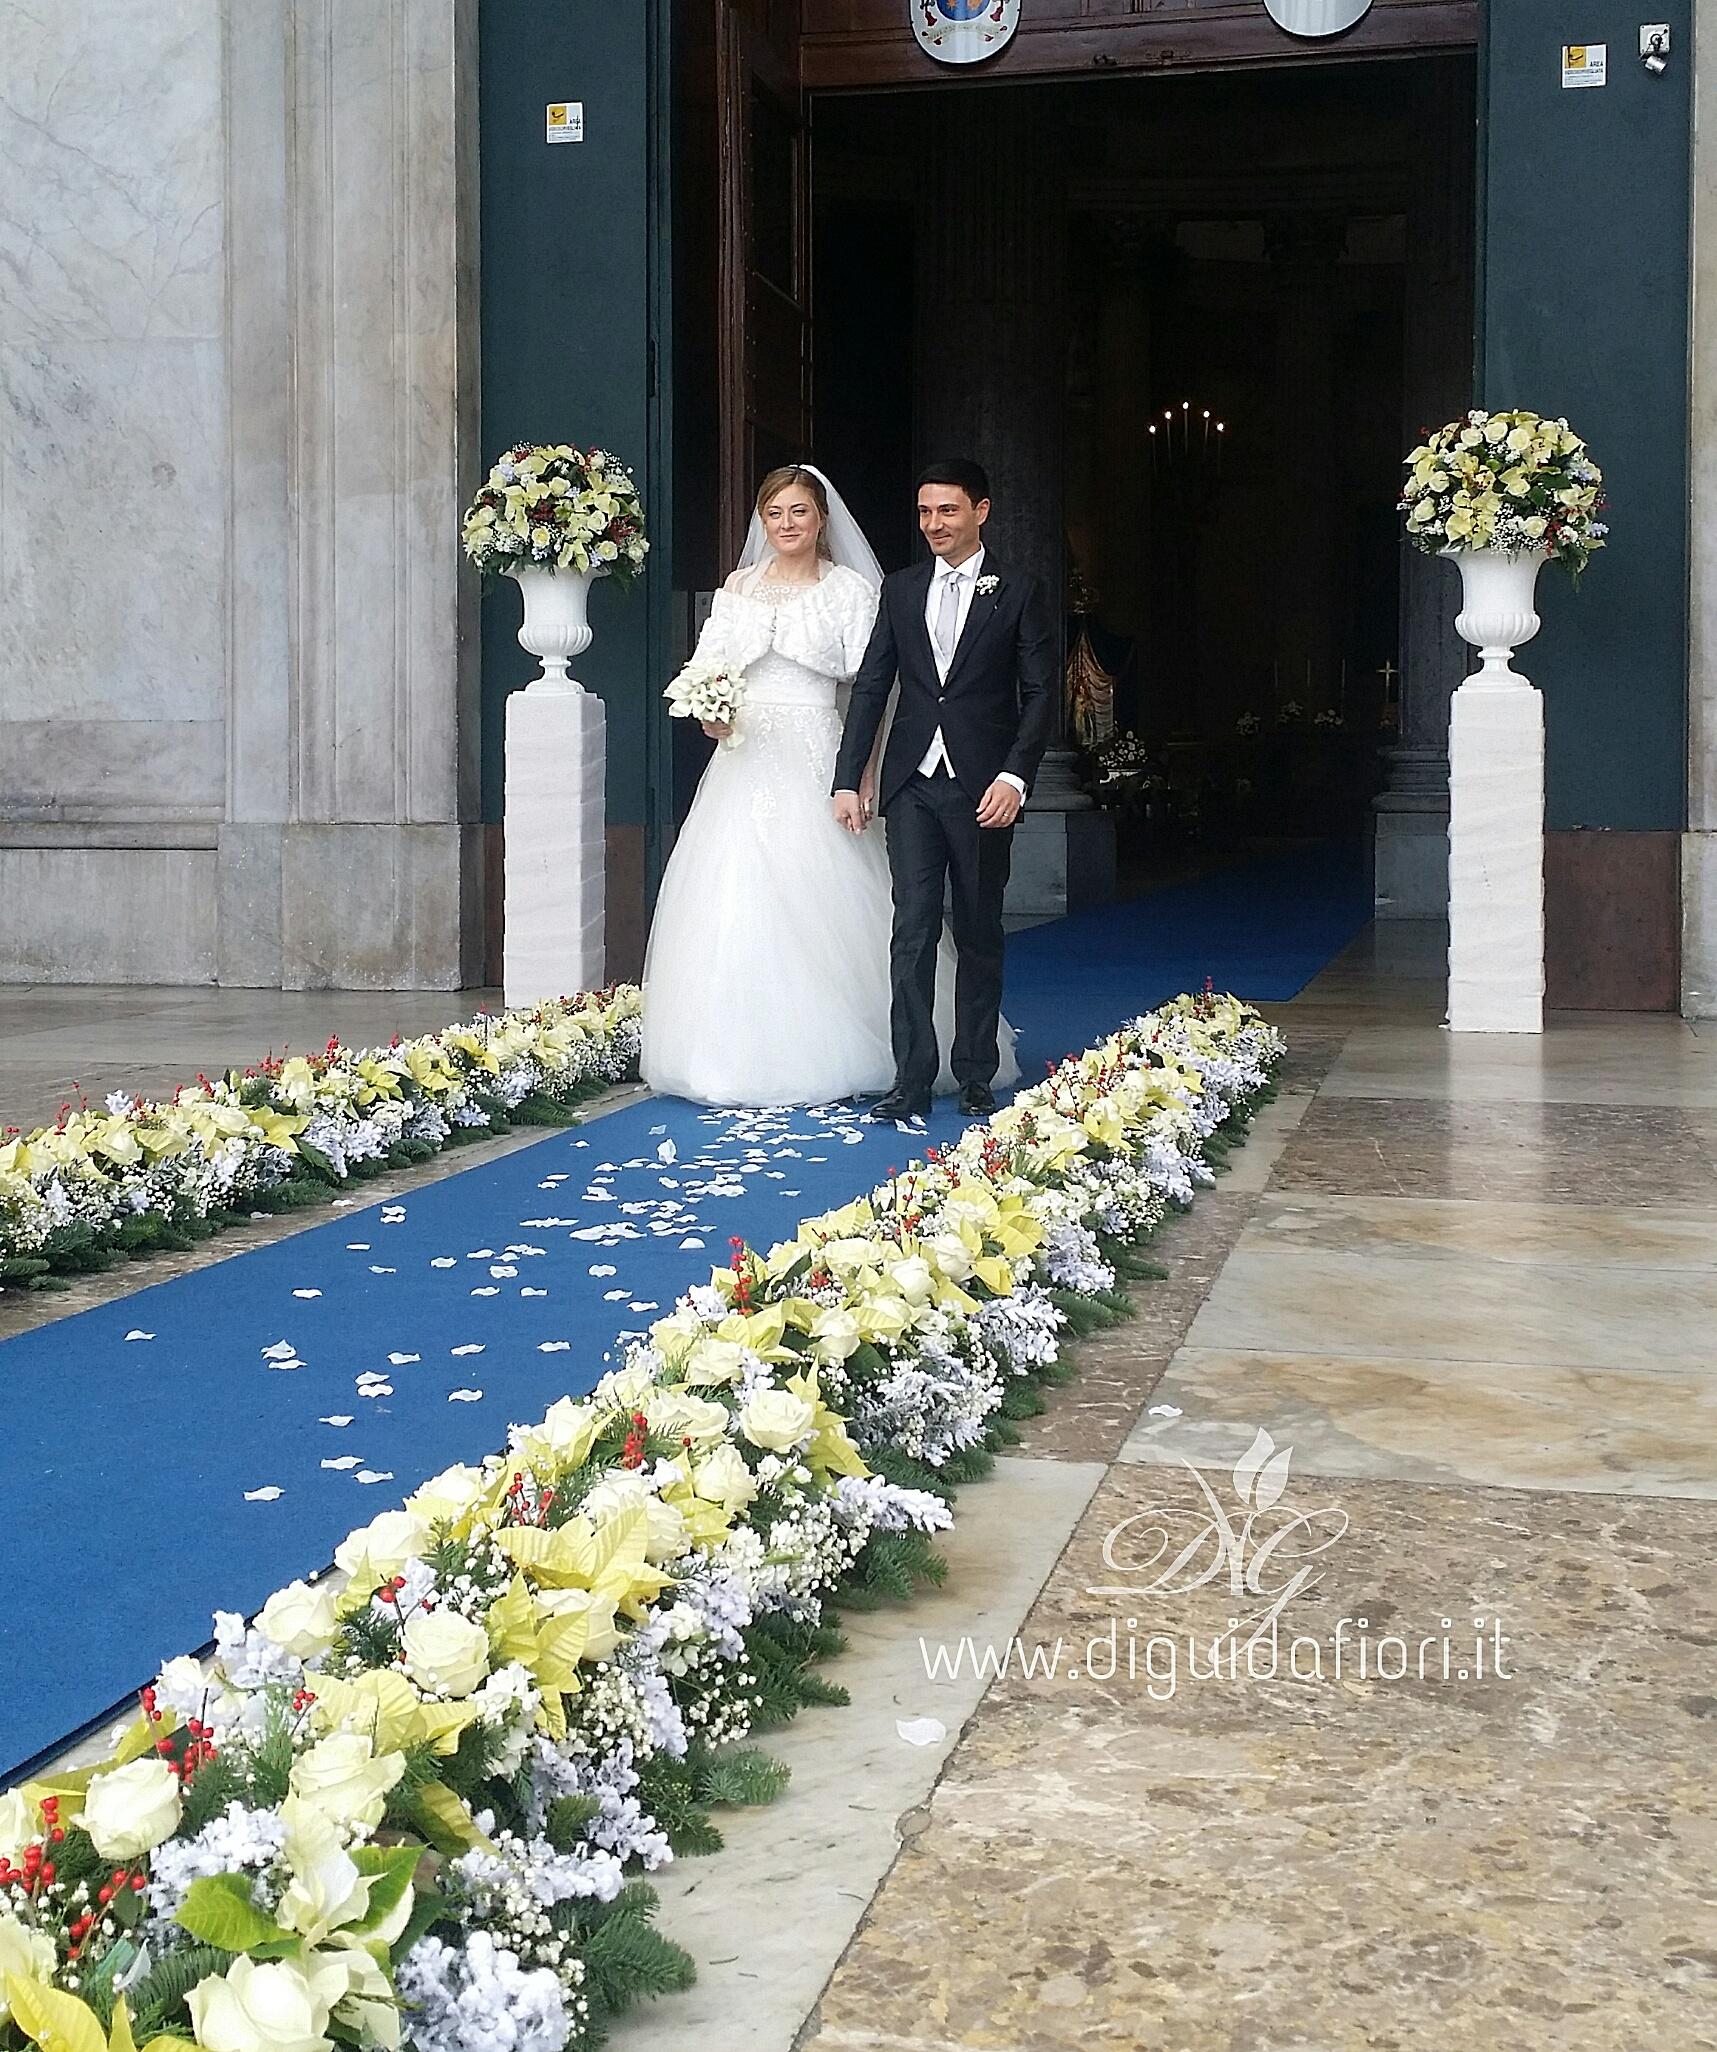 Addobbi Floreali Matrimonio Natalizio : Addobbo floreale per matrimonio chiesa san francesco di